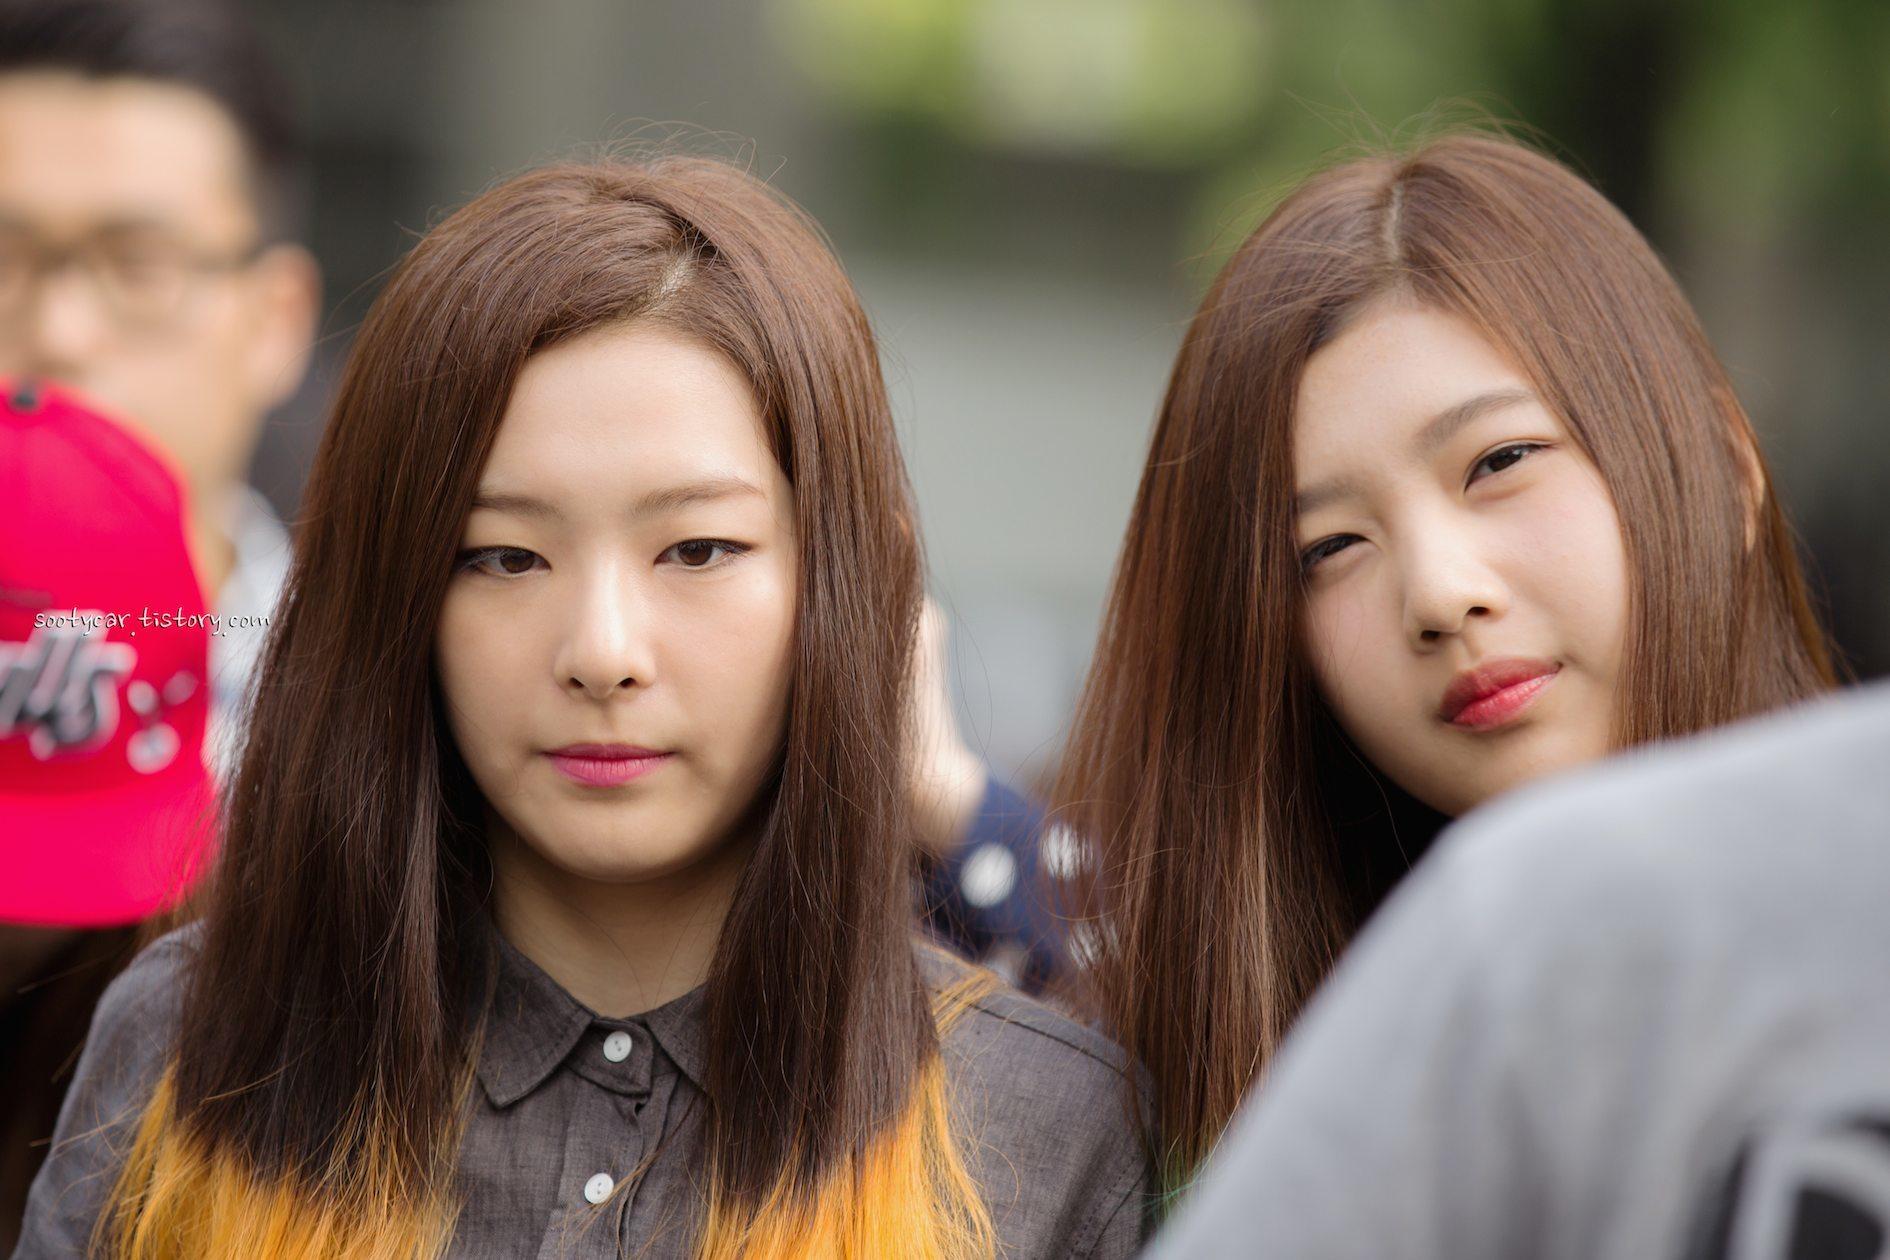 بالصور قمة الجمال فتاة كورية بدون مكياج , حطمت مقياس الجمال في كوريا كلها 1189 7